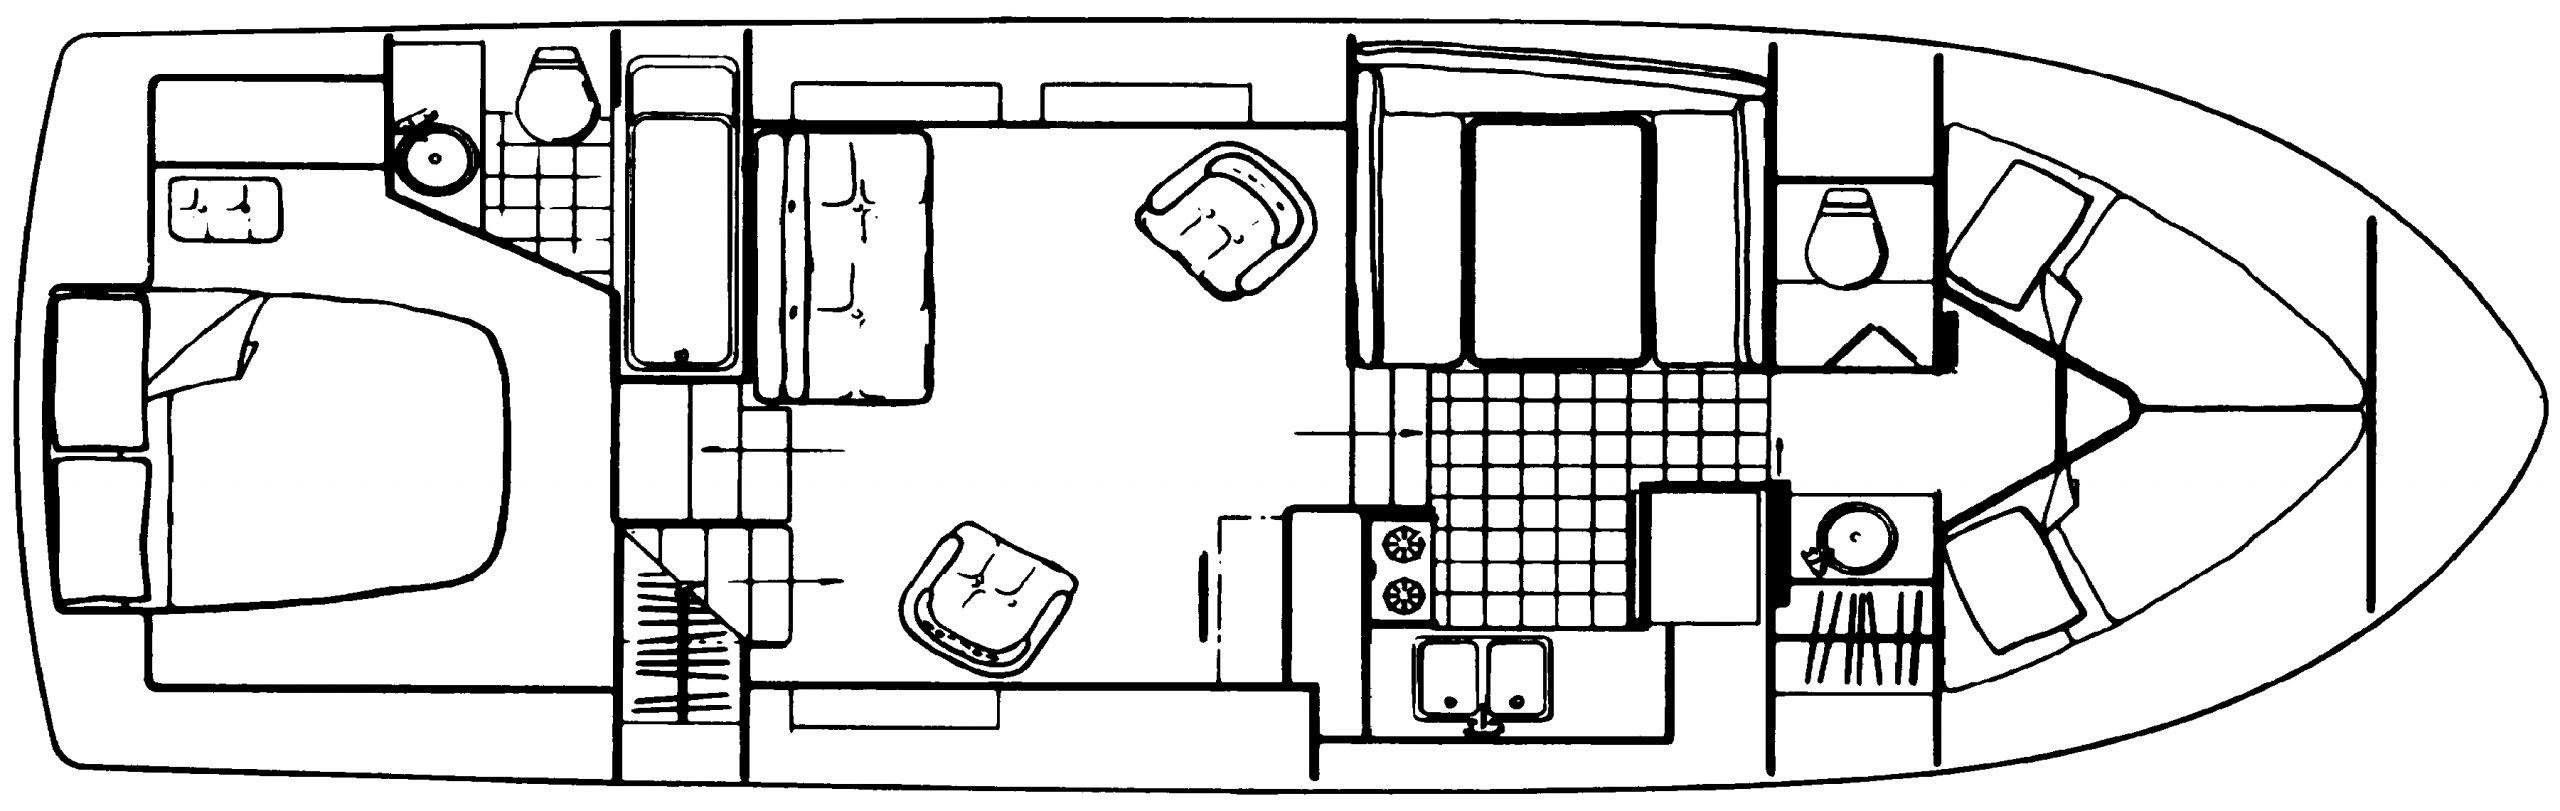 Carver 3607 Aft Cabin Floor Plan 2